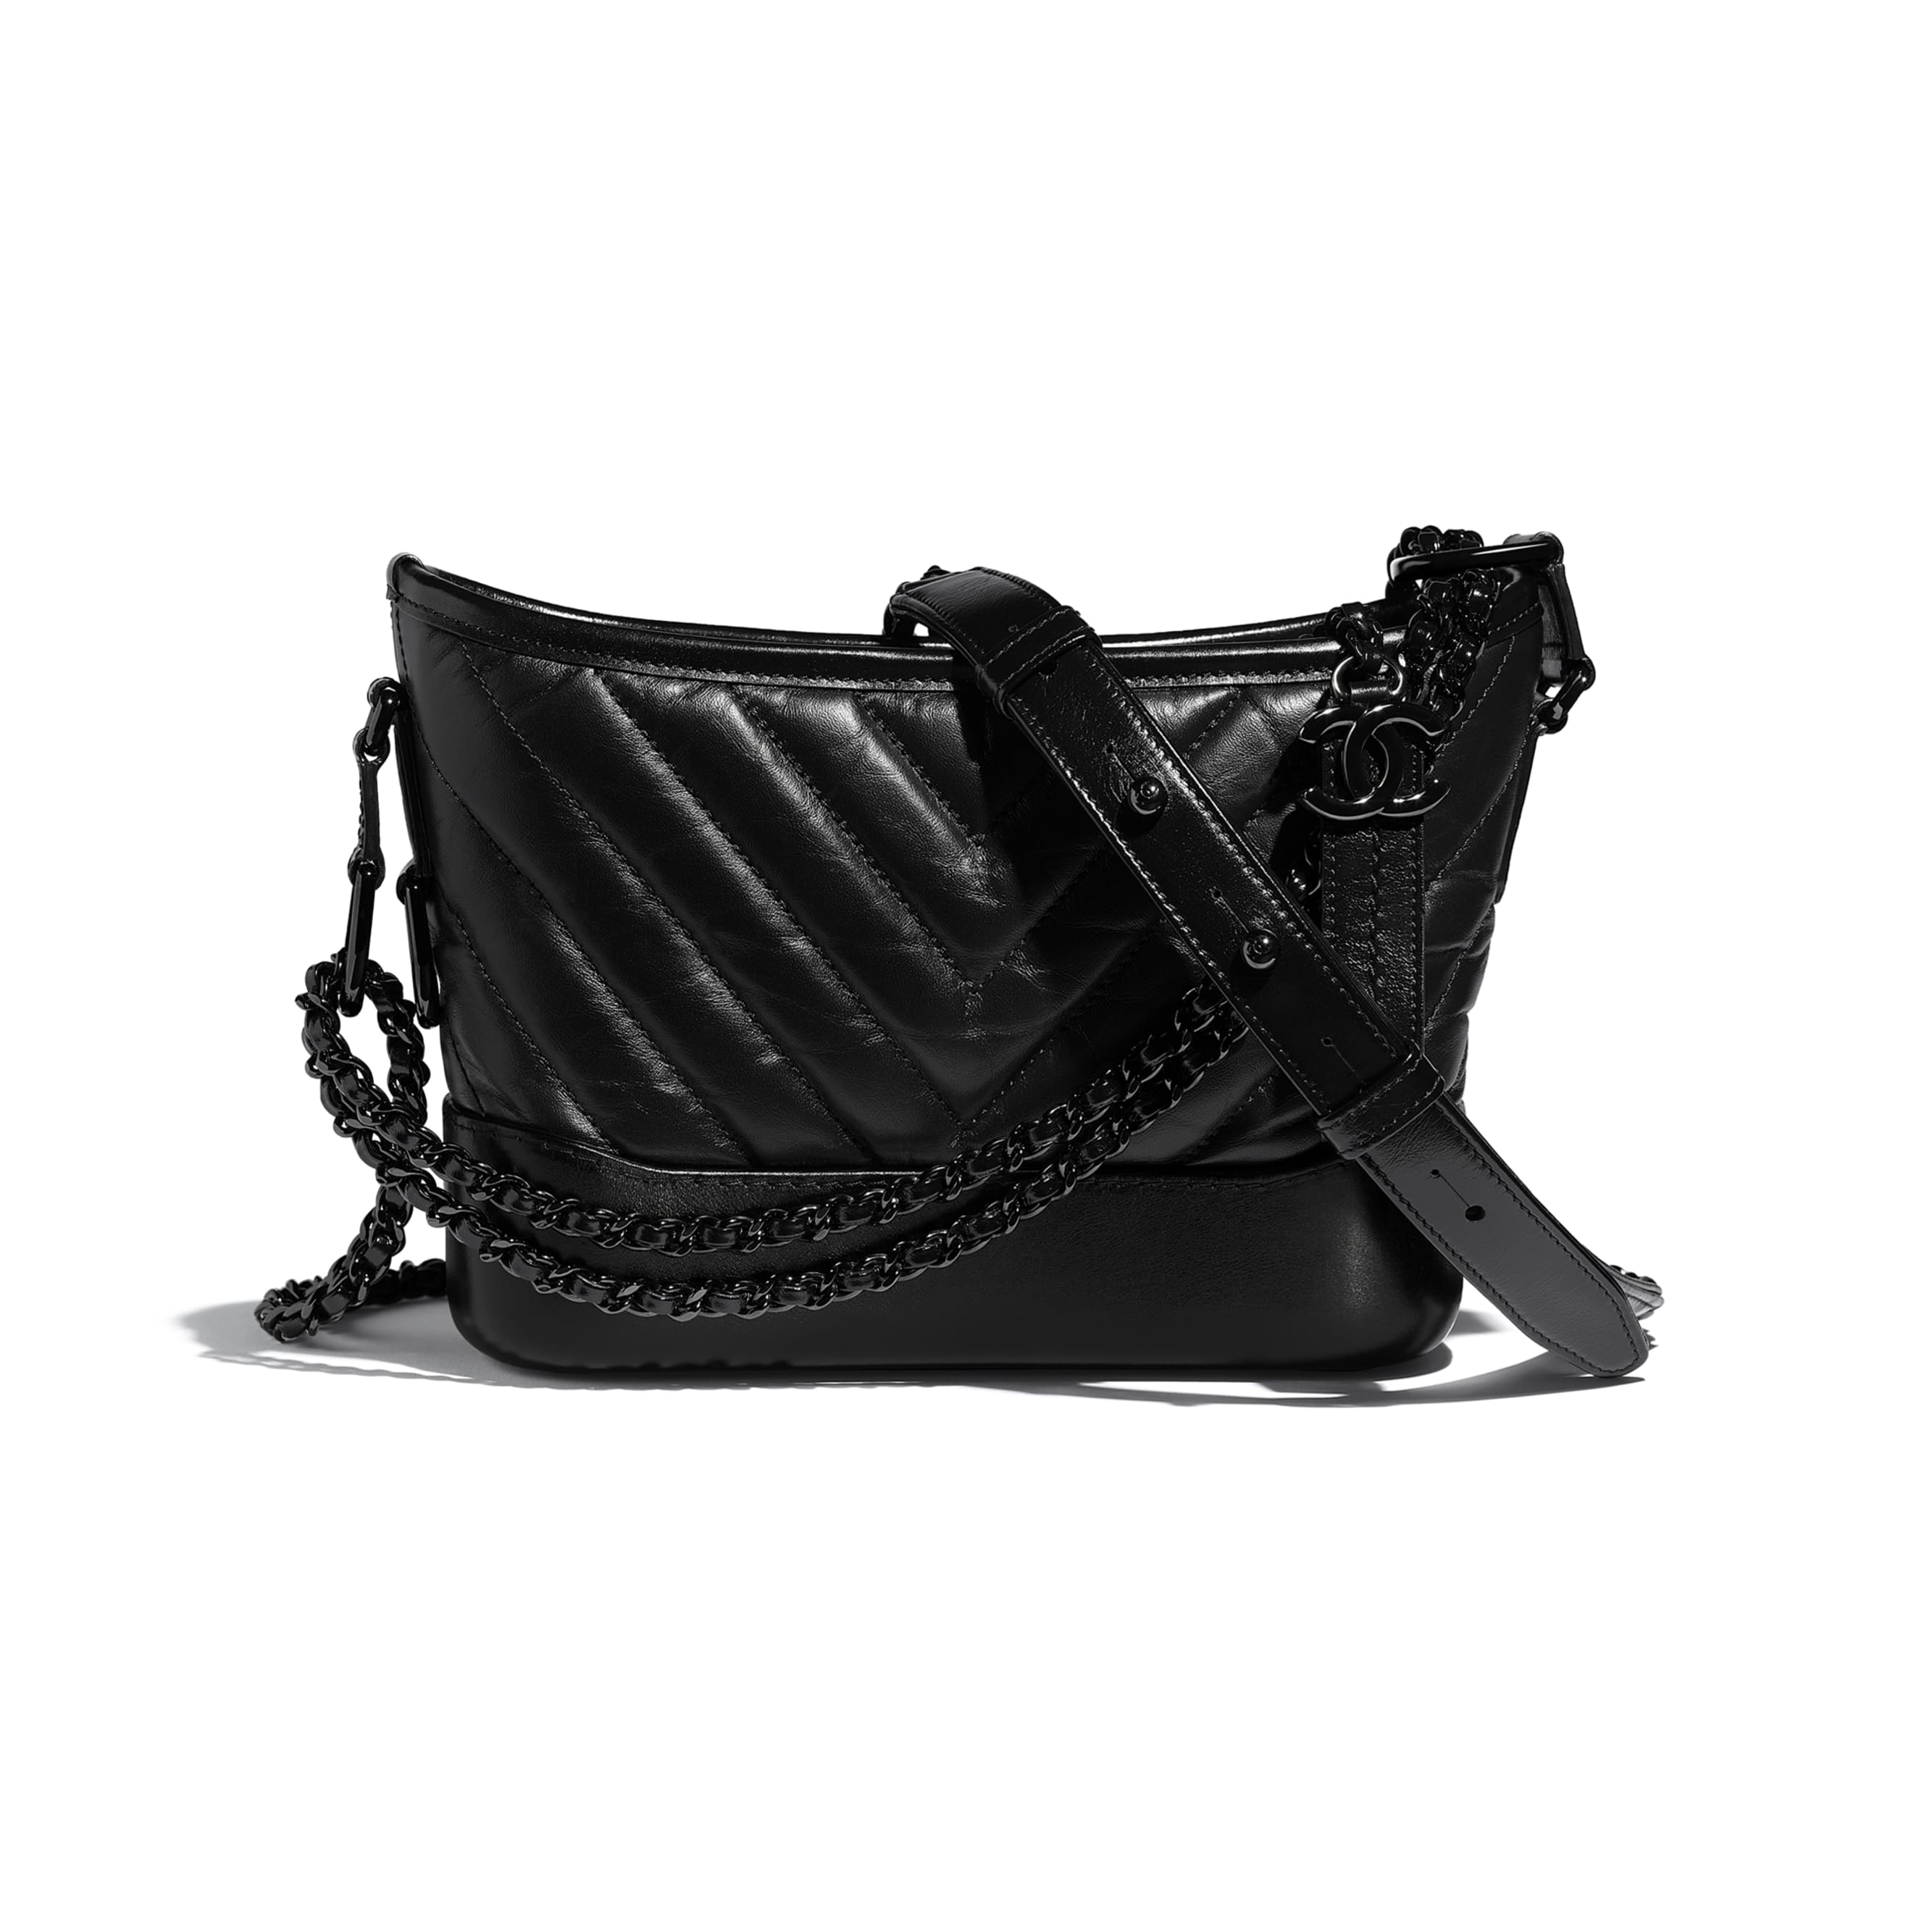 CHANEL'S GABRIELLE сумка hobo маленького размера - Черный - Состаренная кожа теленка, гладкая кожа теленка и черный металл - Вид по умолчанию - посмотреть изображение стандартного размера